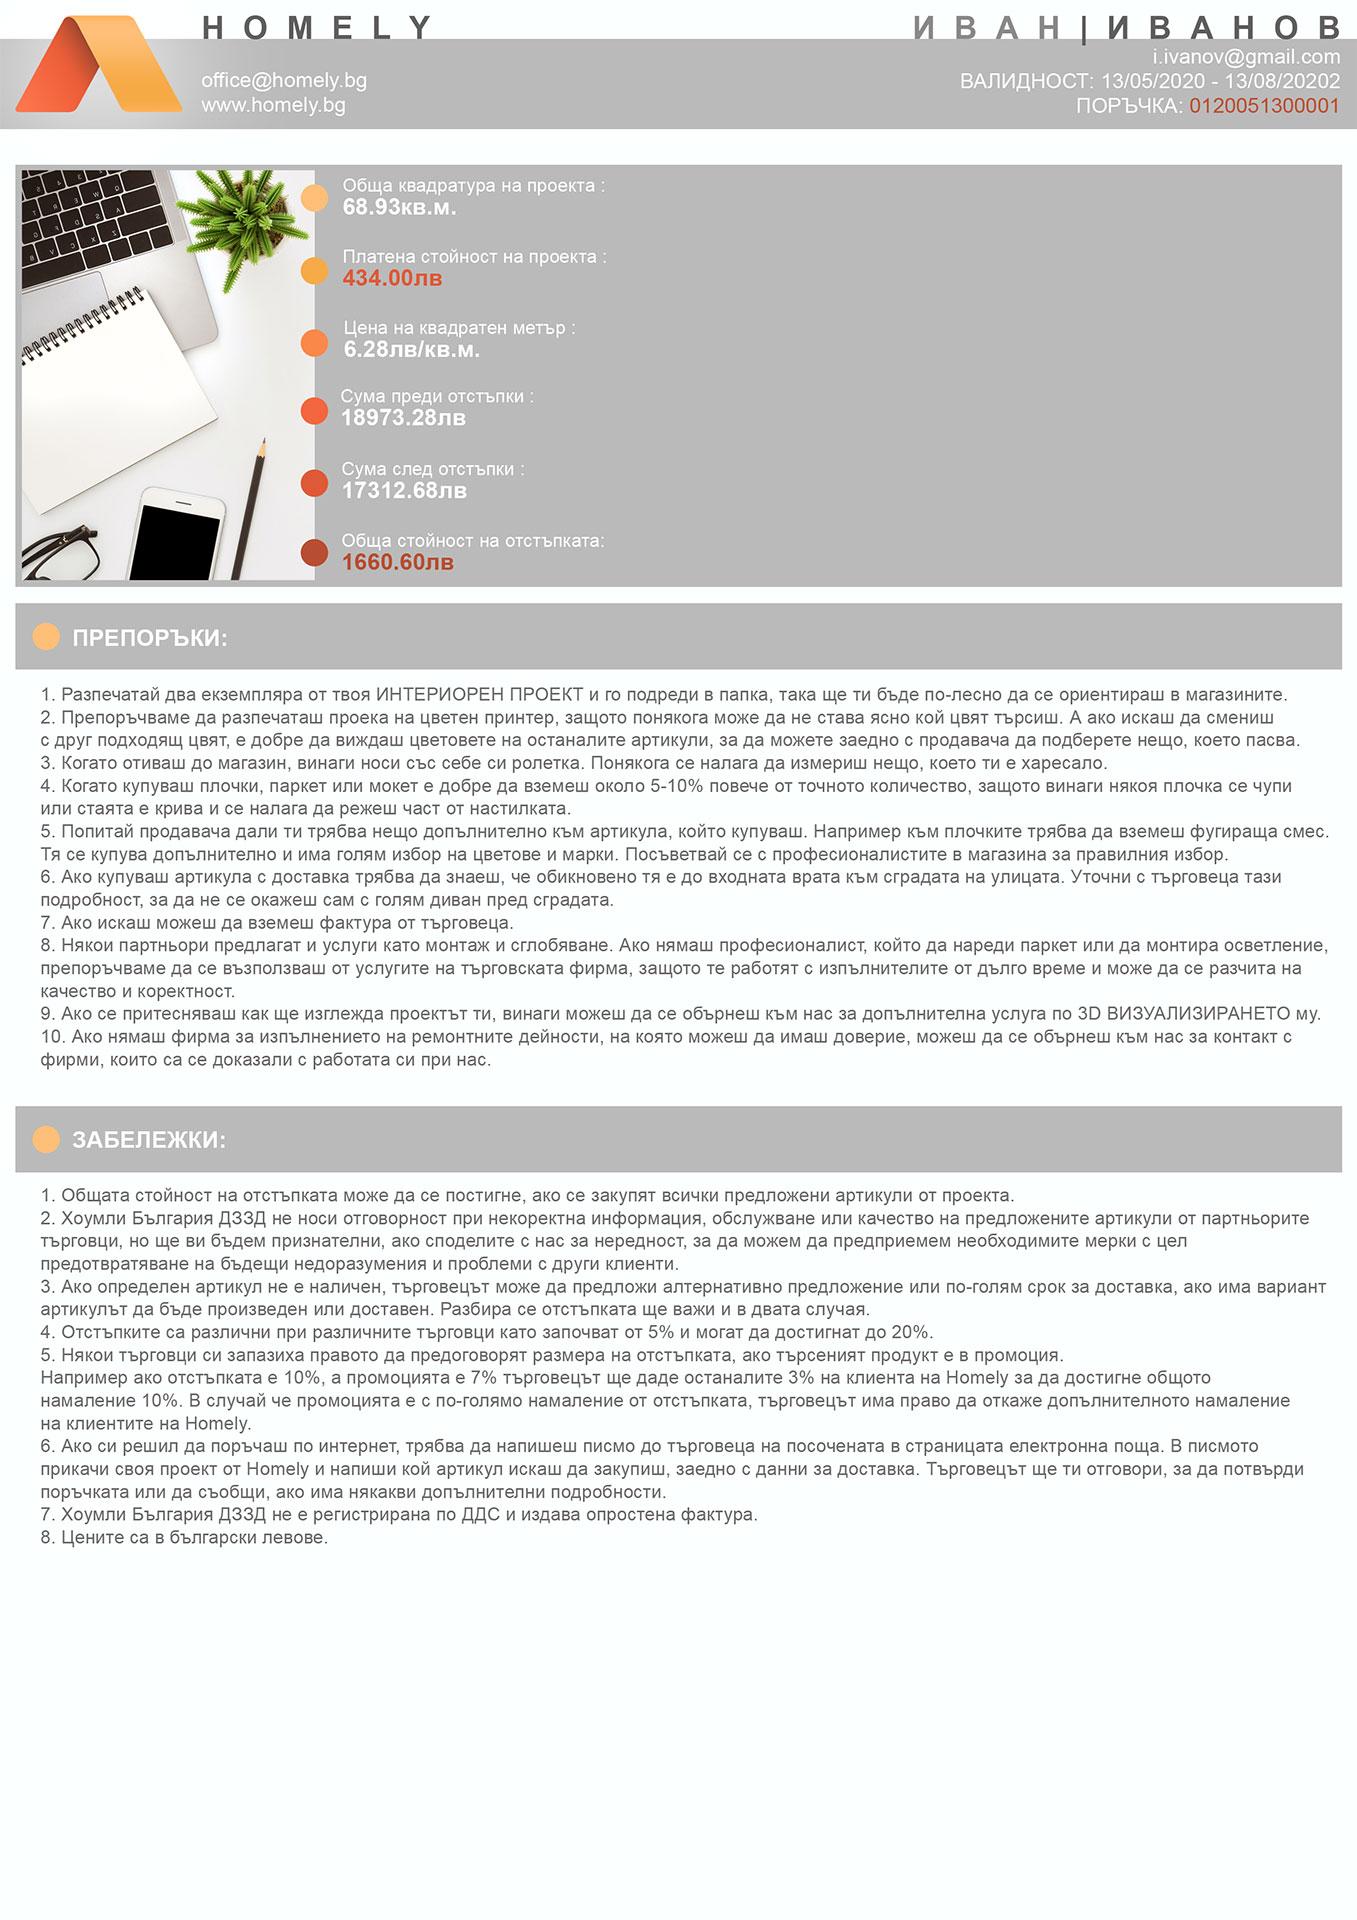 Препоръки от интериорен дизайнер